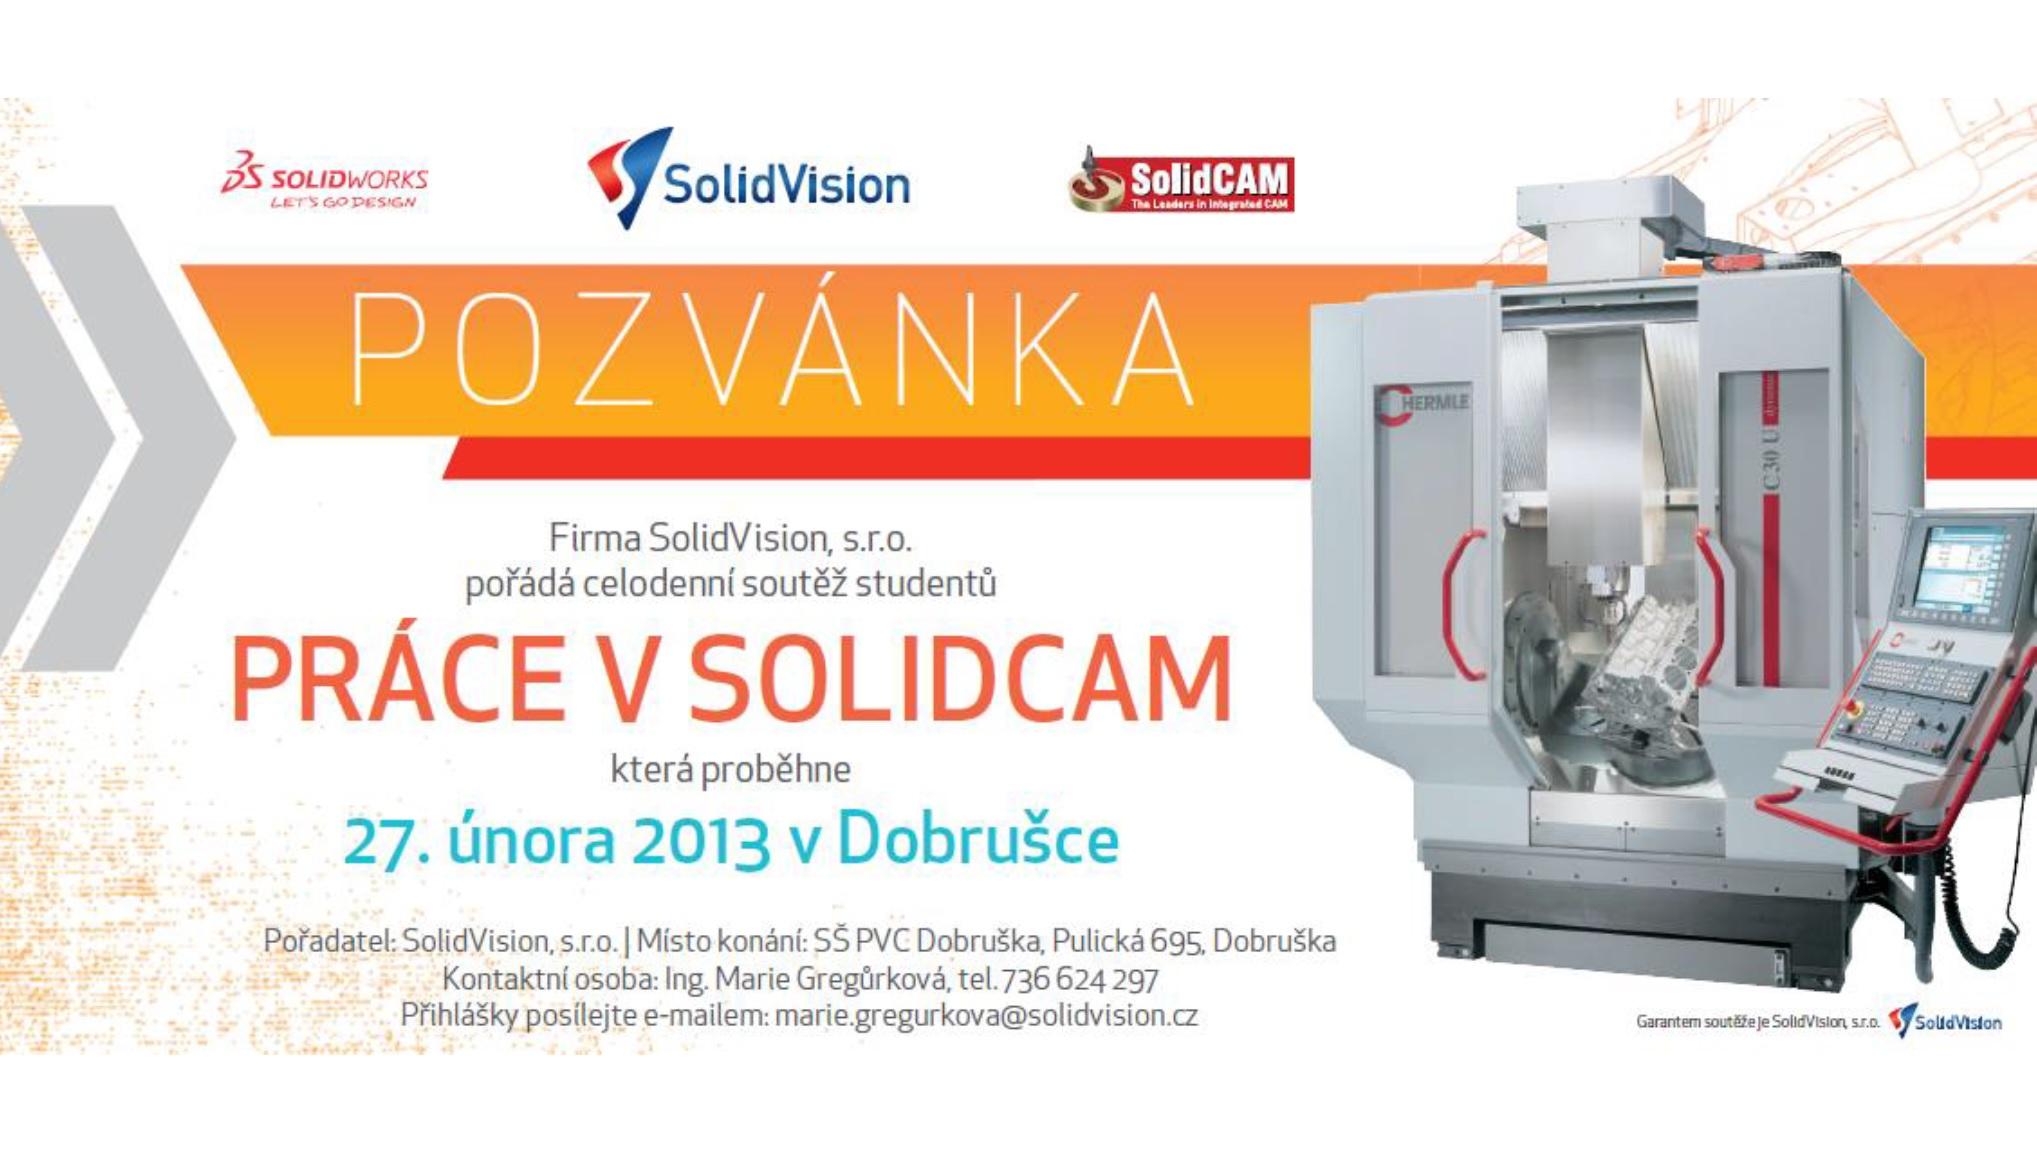 Pozvánka - Práce v SOLIDCAM - 27. února 2013